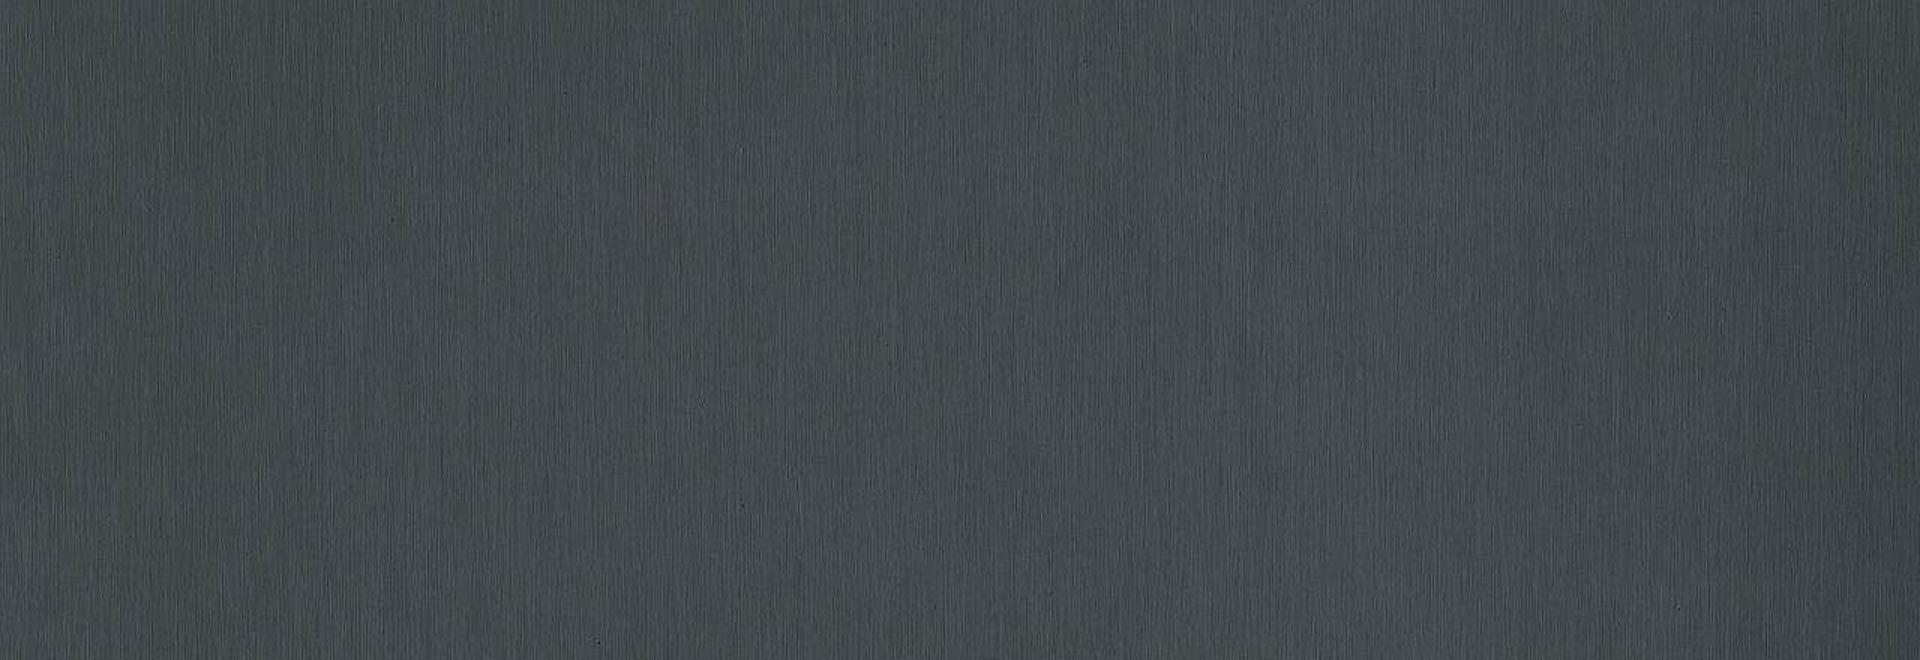 elZinc Graphite® - un tocco elegante